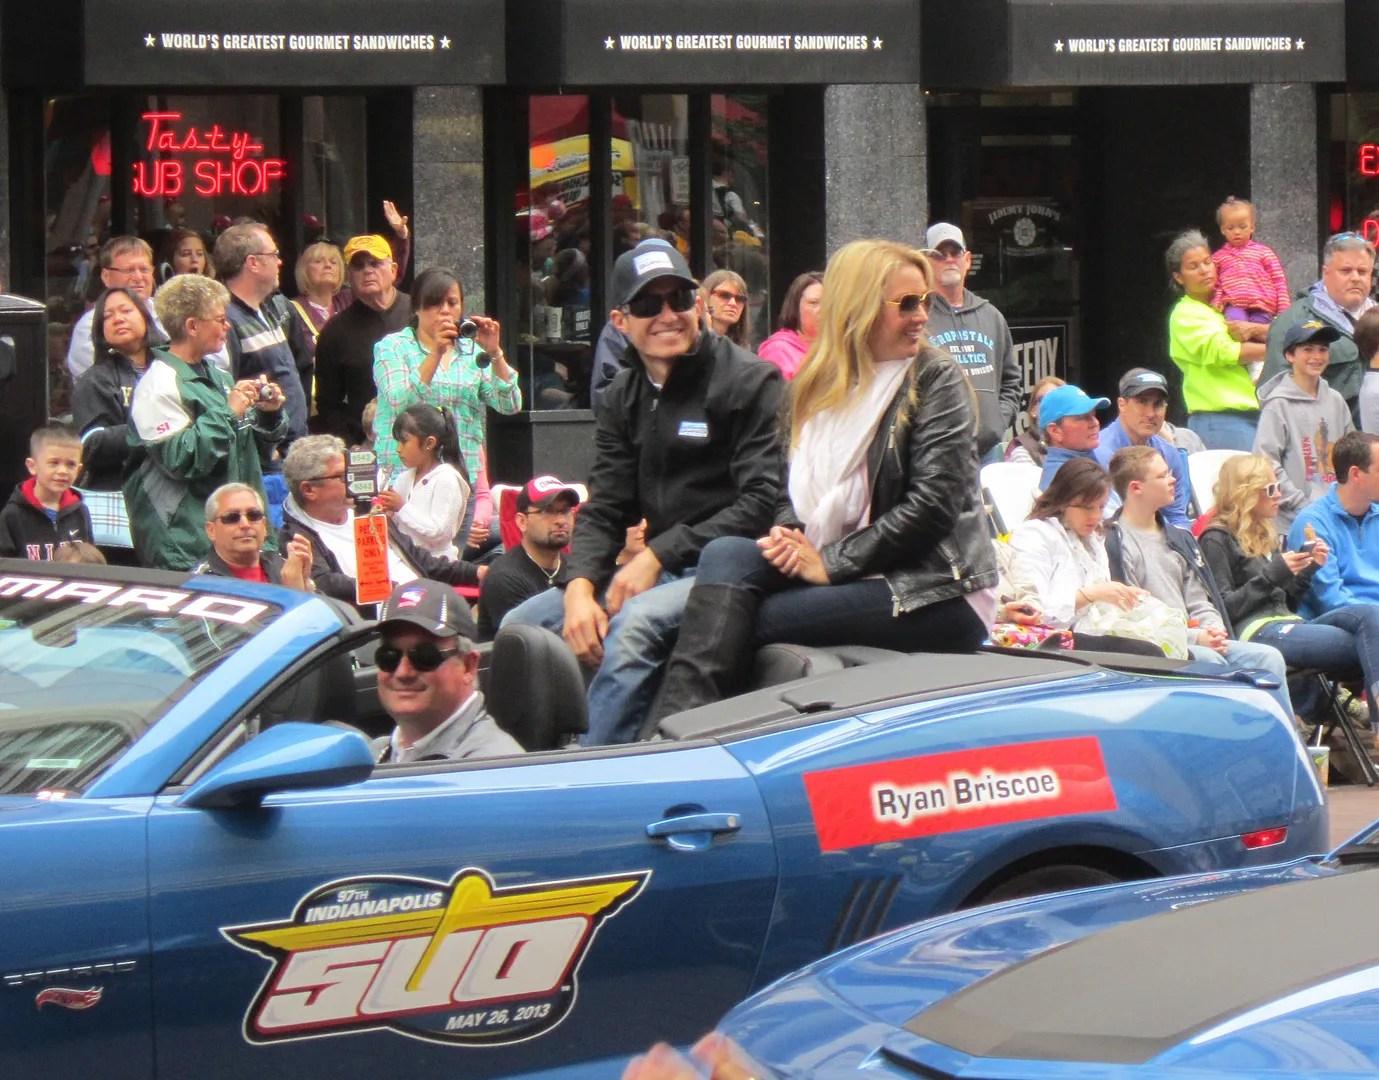 Ryan Briscoe, Indianapolis, 500, 500 Festival Parade, Indianapolis, 2013